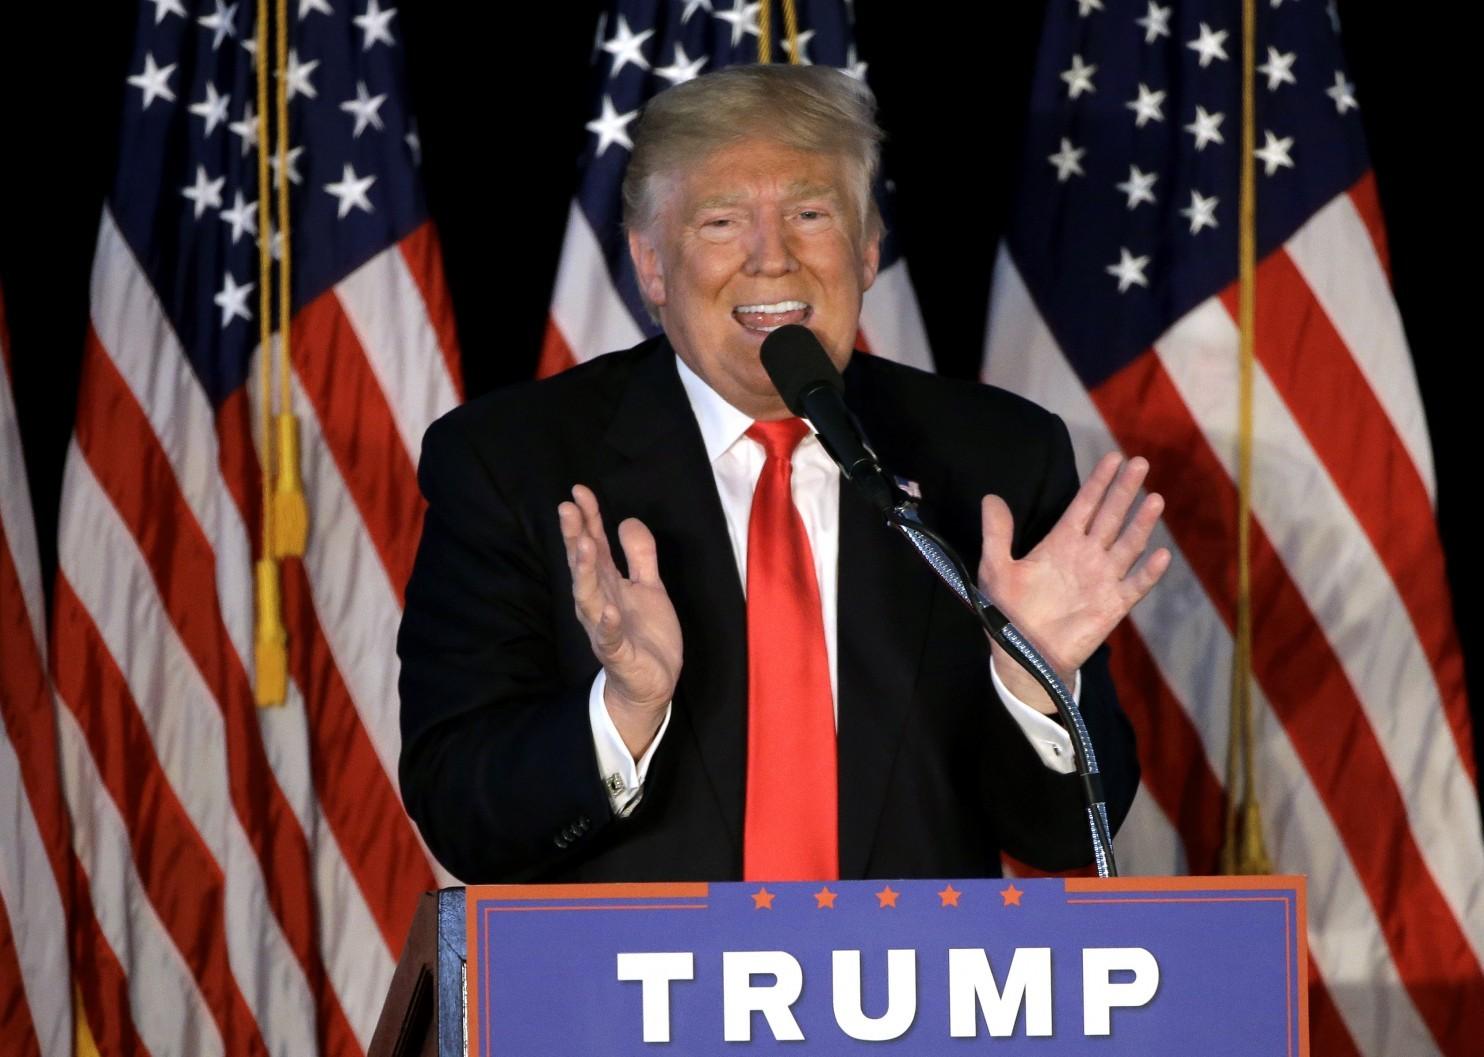 GOP_2016_Trump-a9b4d-1148.jpg